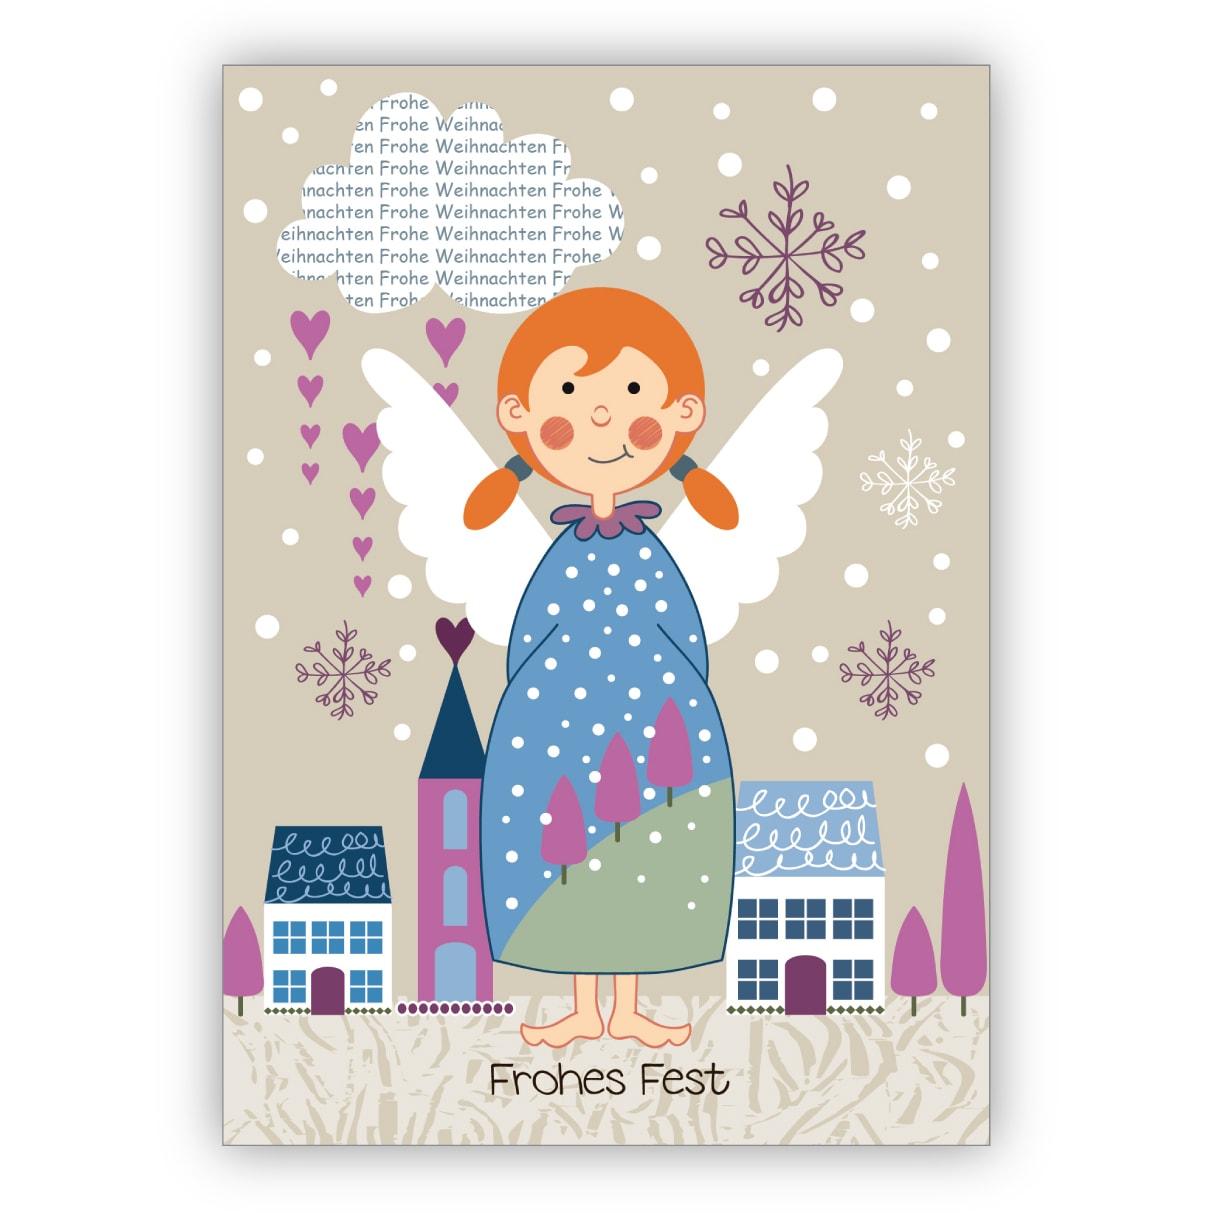 Wunderschöne Weihnachtskarte mit süßem Weihnachtsengel vor der Stadt.